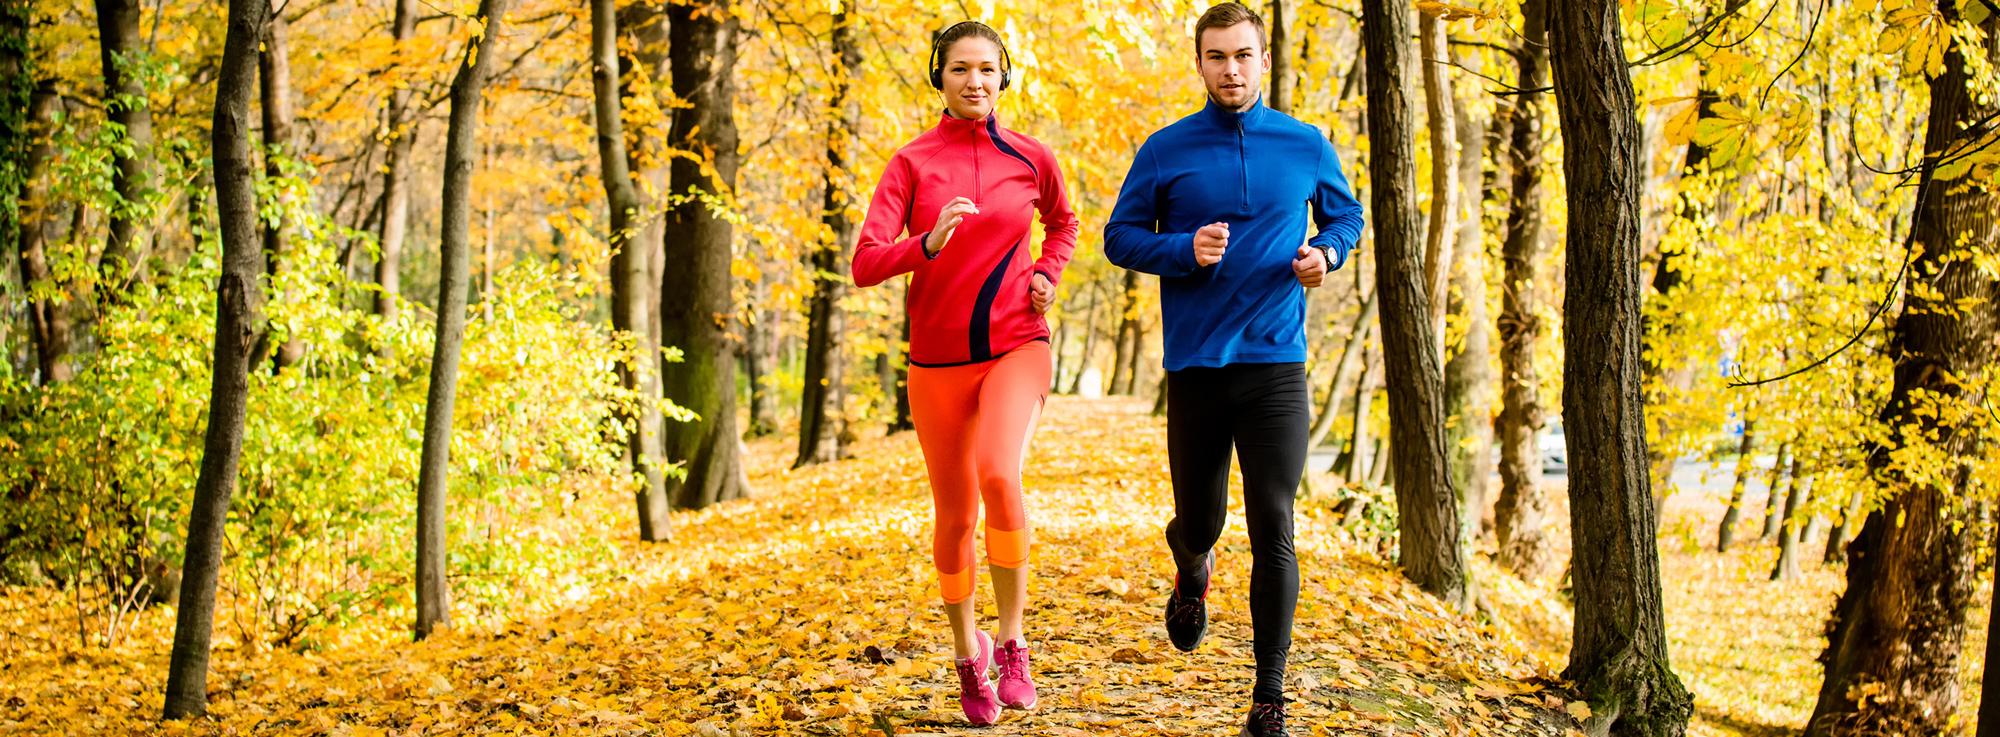 Bewegung und Sport stärkt das Immunsystem Ausdauer Sportliche Aktivität Bewegung ist gesund